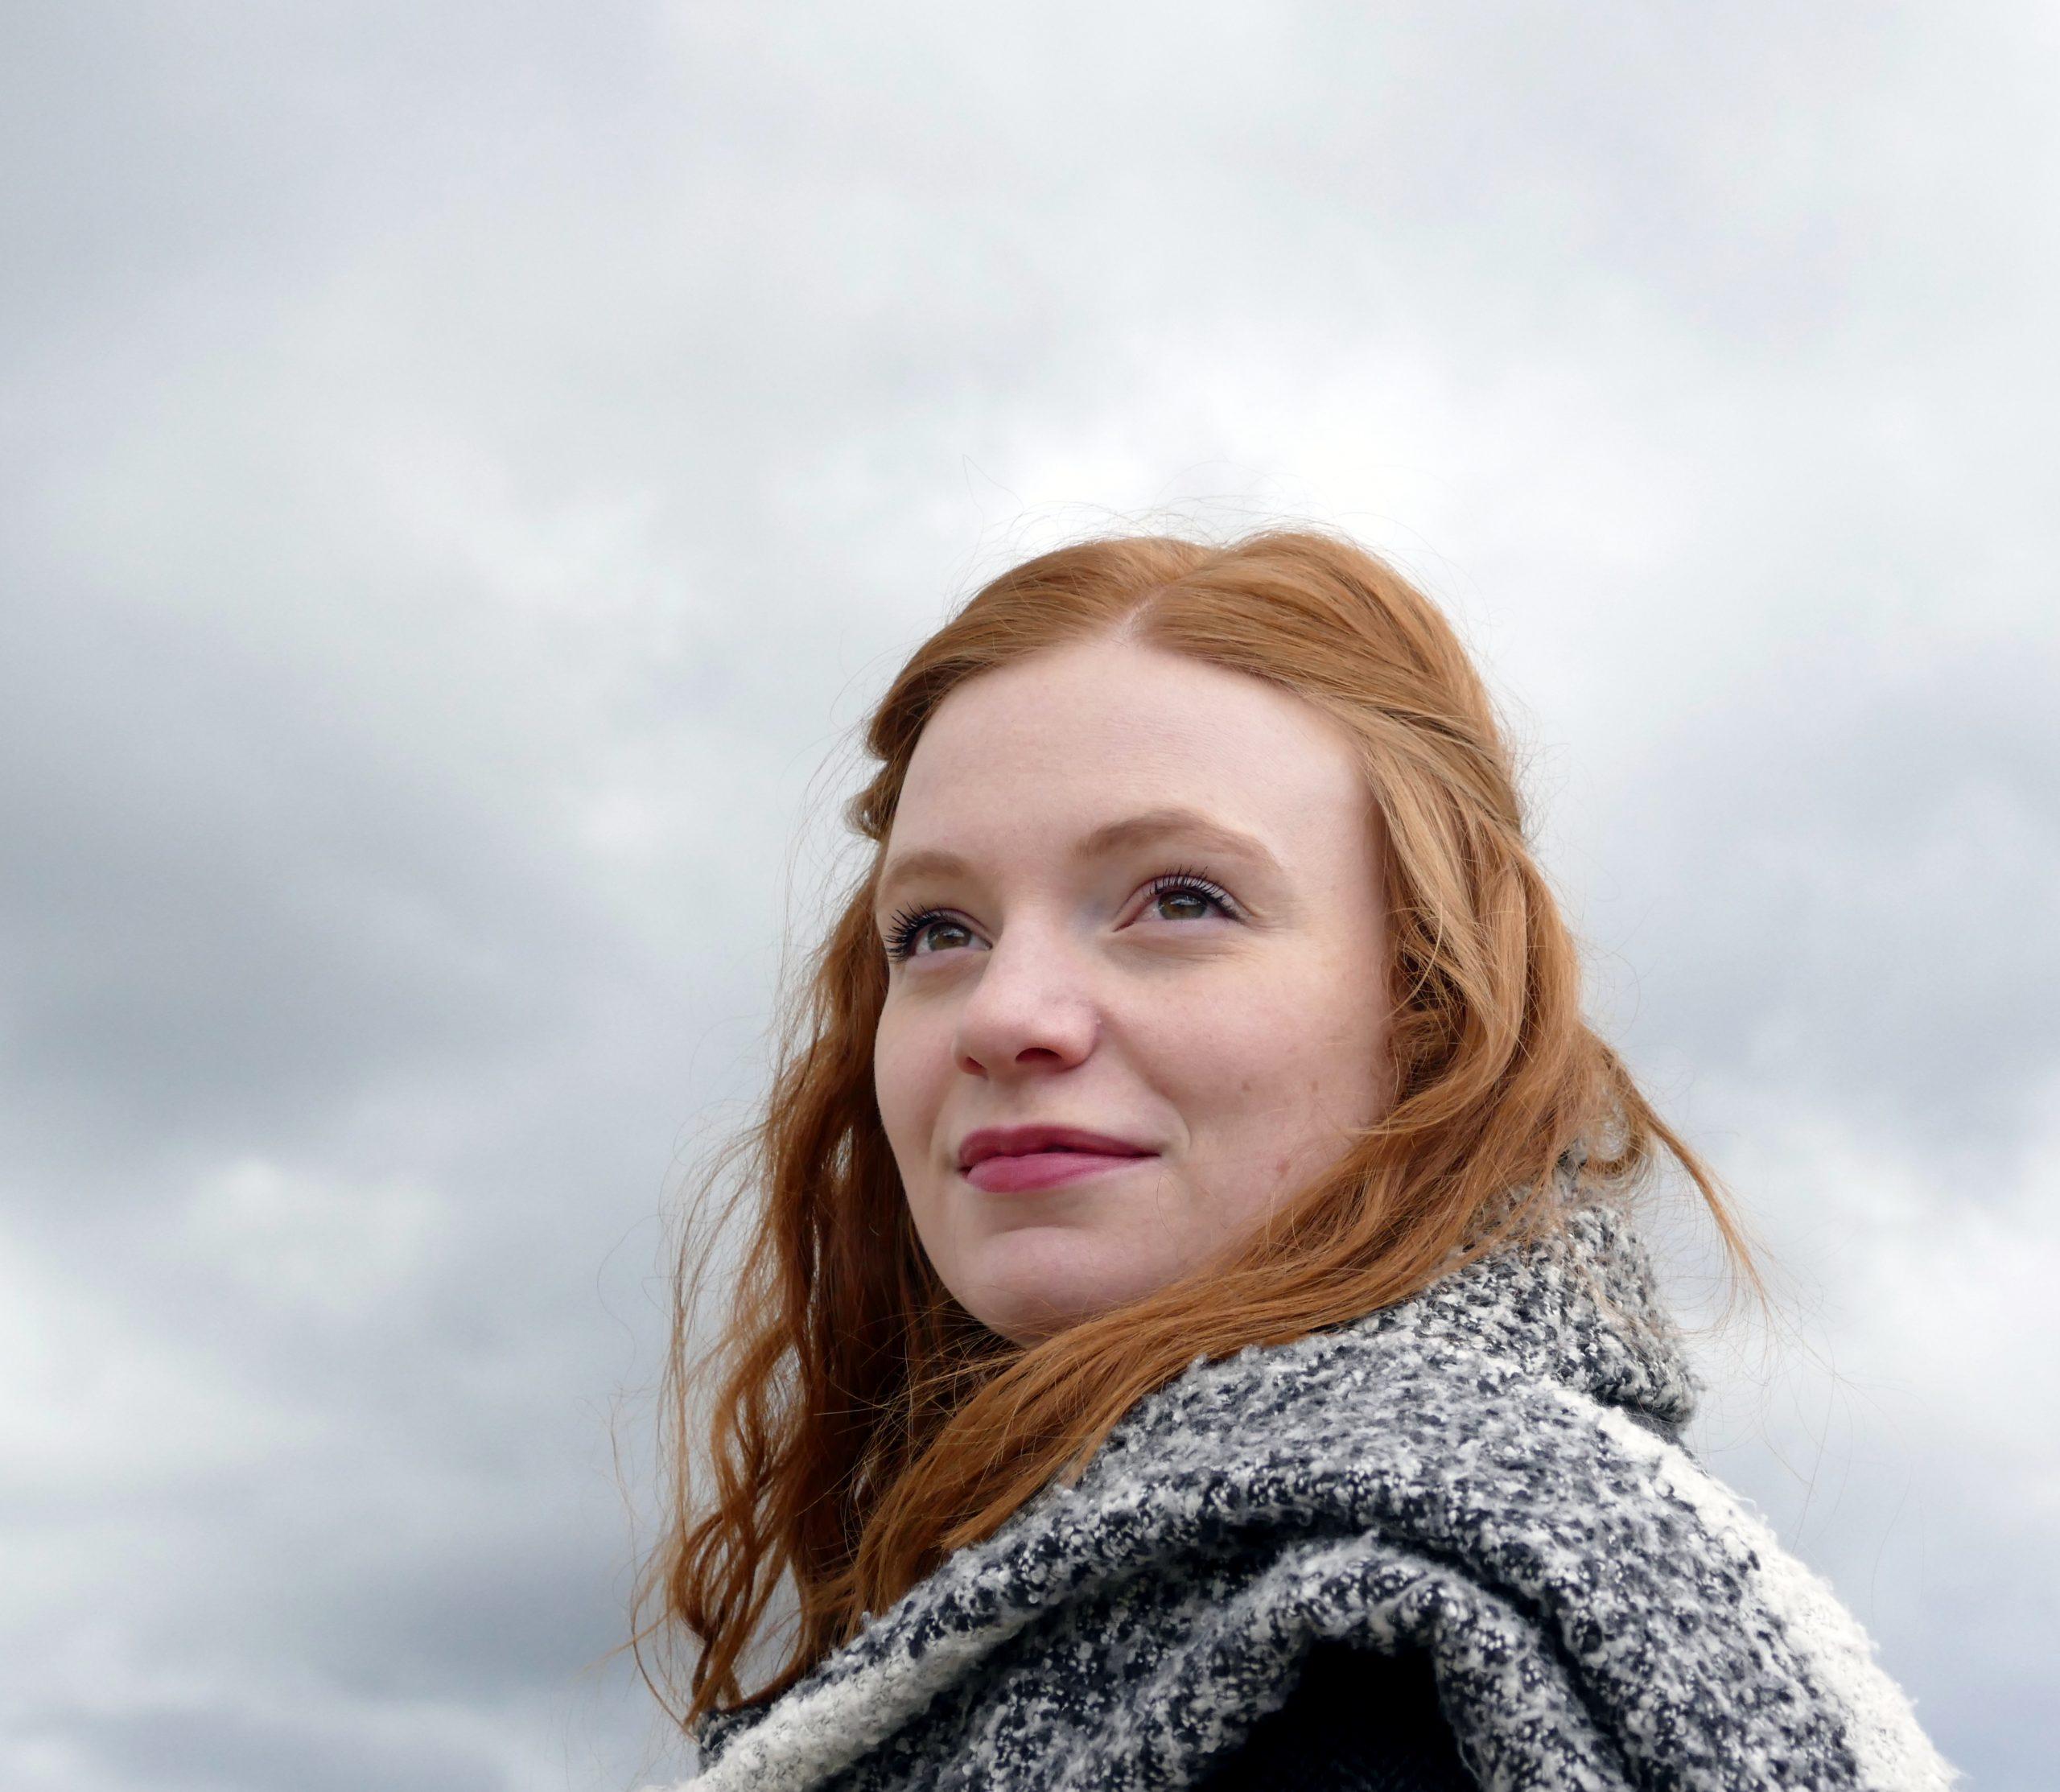 portrait jeune femme ciel gris